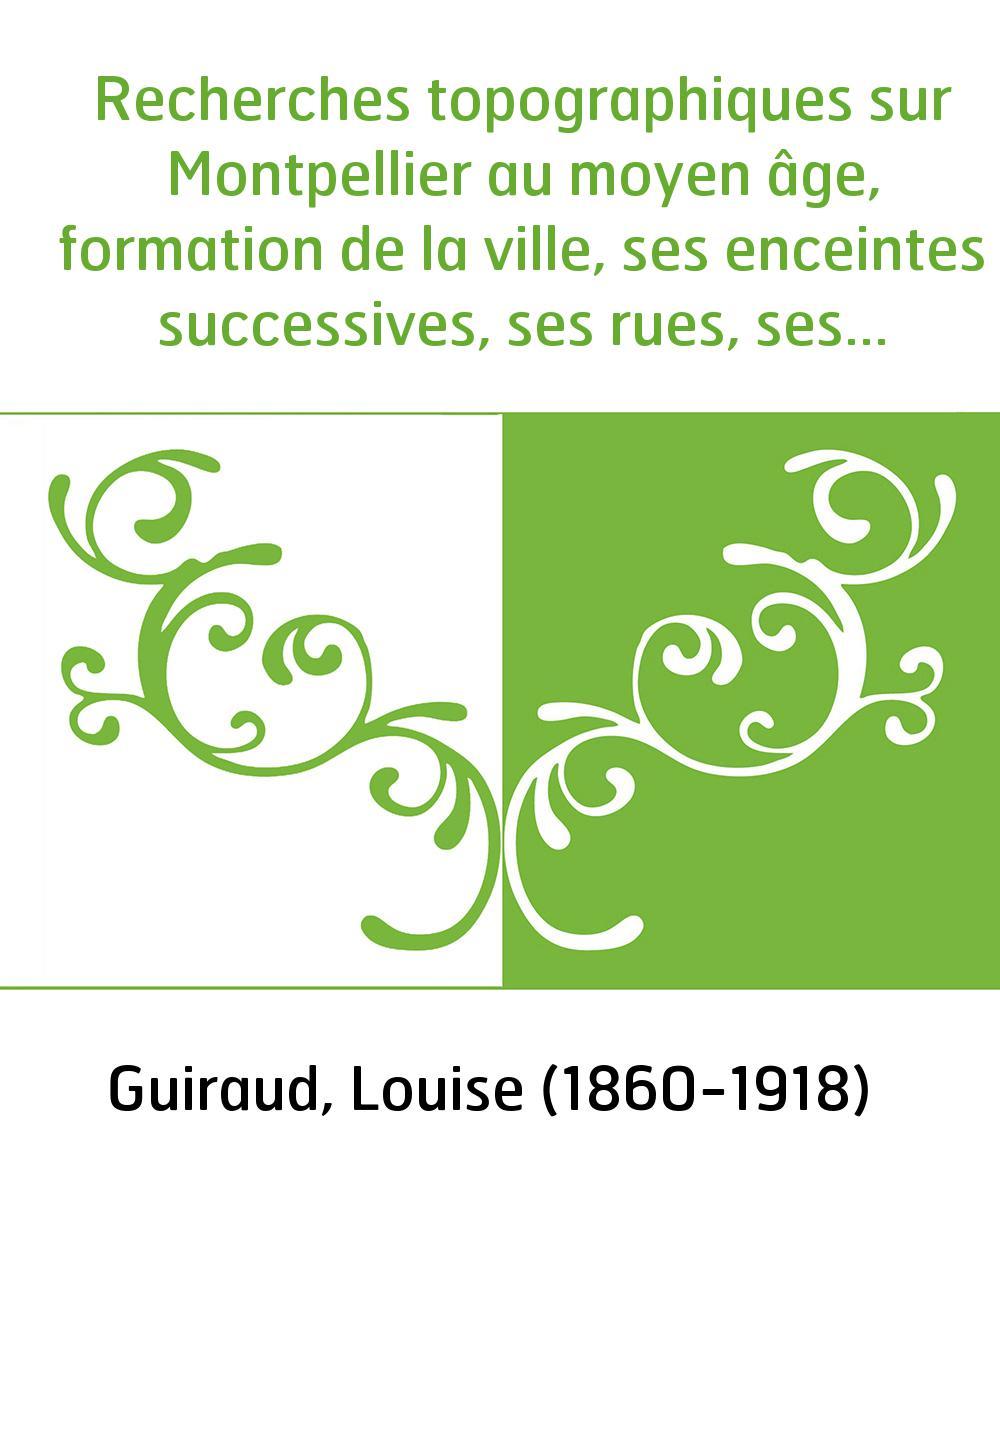 Recherches topographiques sur Montpellier au moyen âge, formation de la ville, ses enceintes successives, ses rues, ses monument